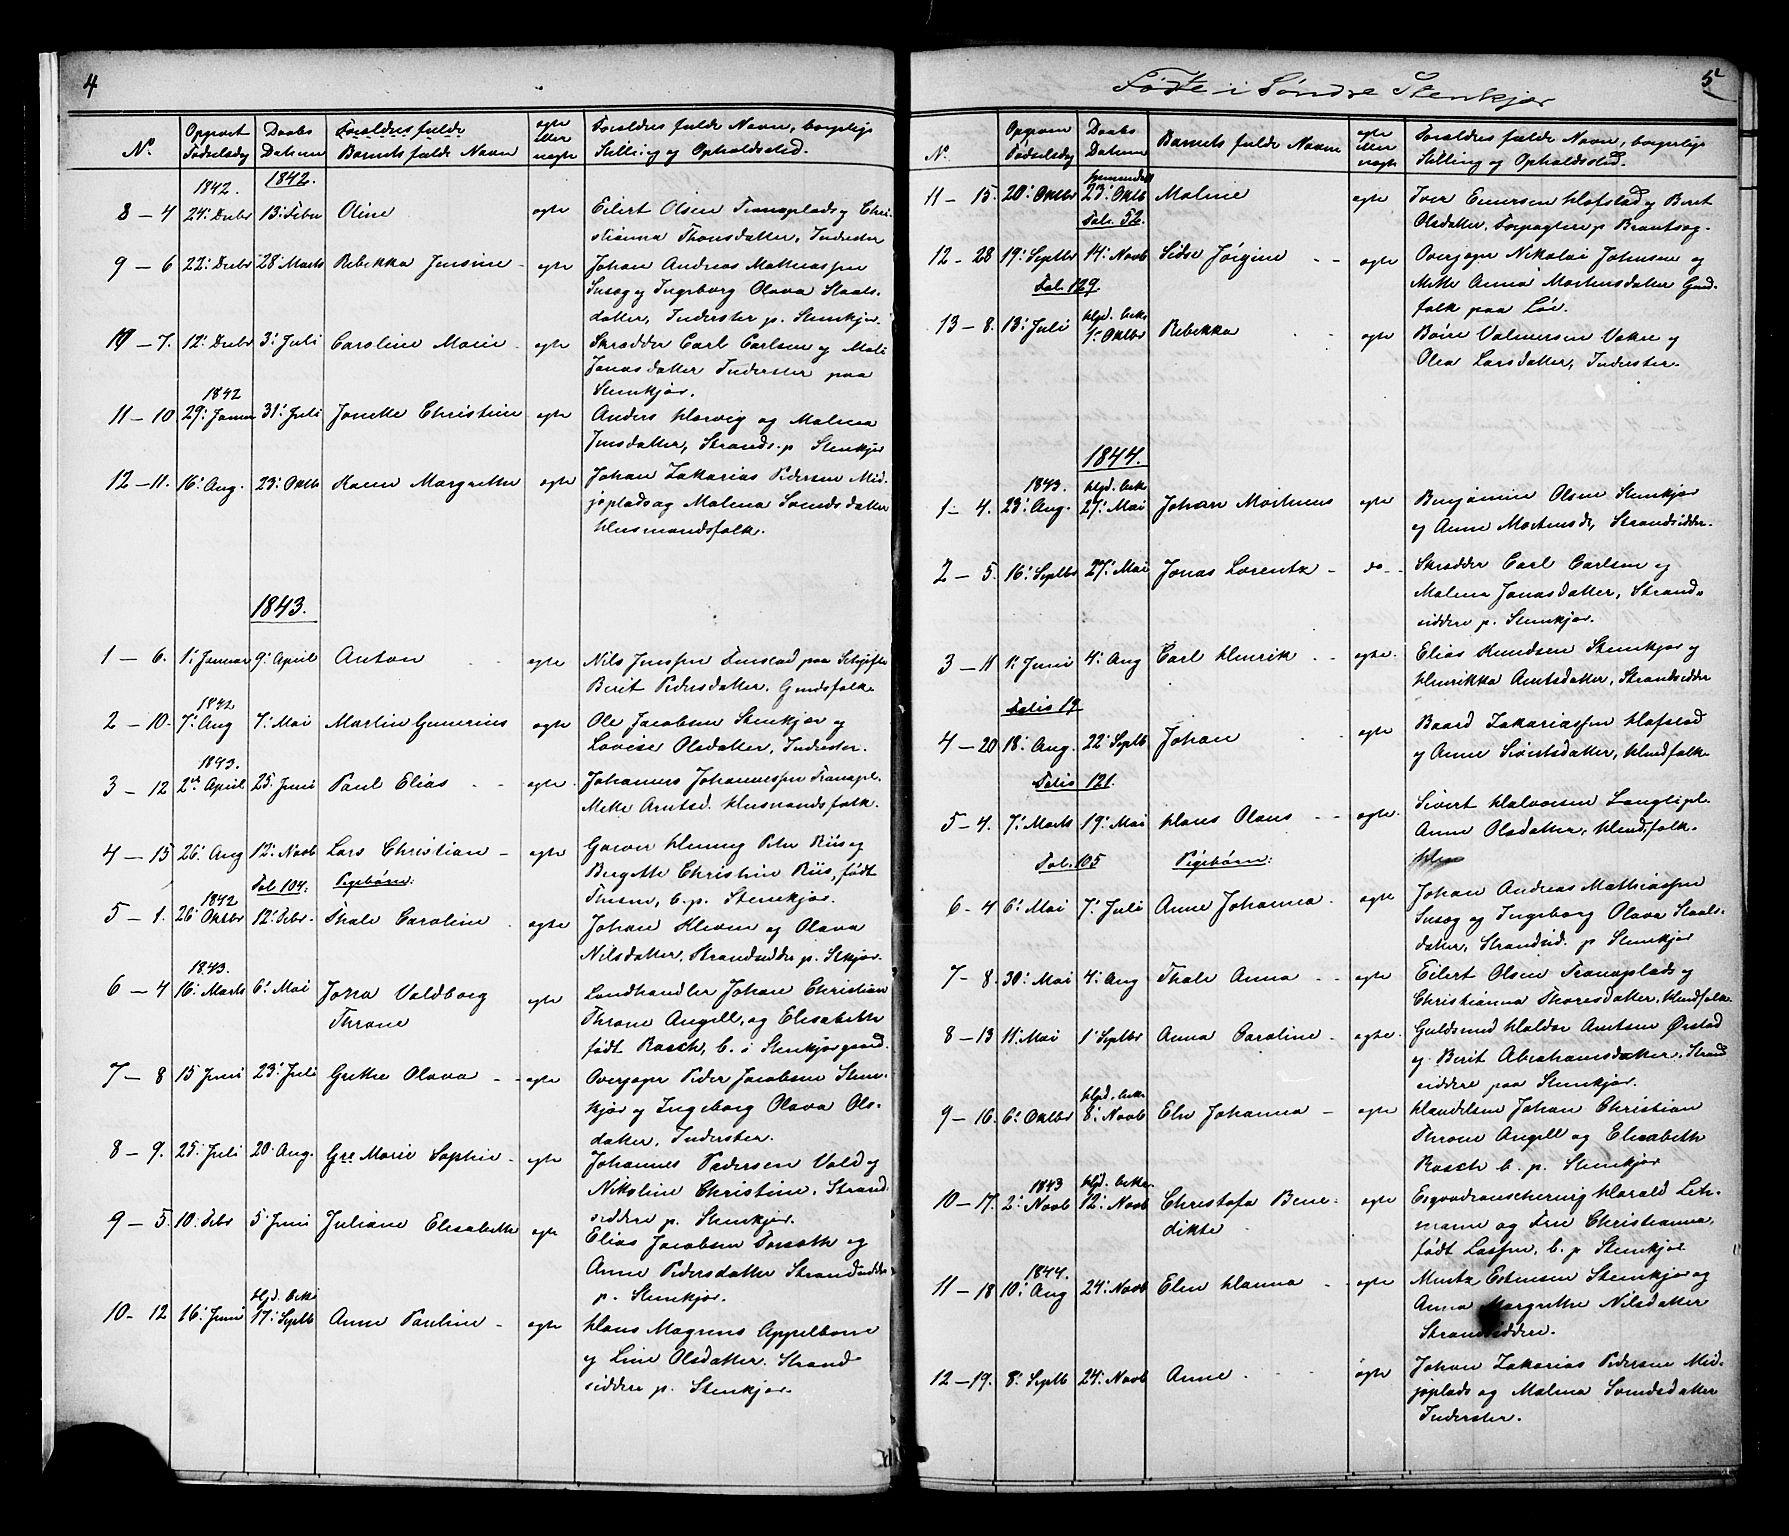 SAT, Ministerialprotokoller, klokkerbøker og fødselsregistre - Nord-Trøndelag, 739/L0367: Ministerialbok nr. 739A01 /1, 1838-1868, s. 4-5